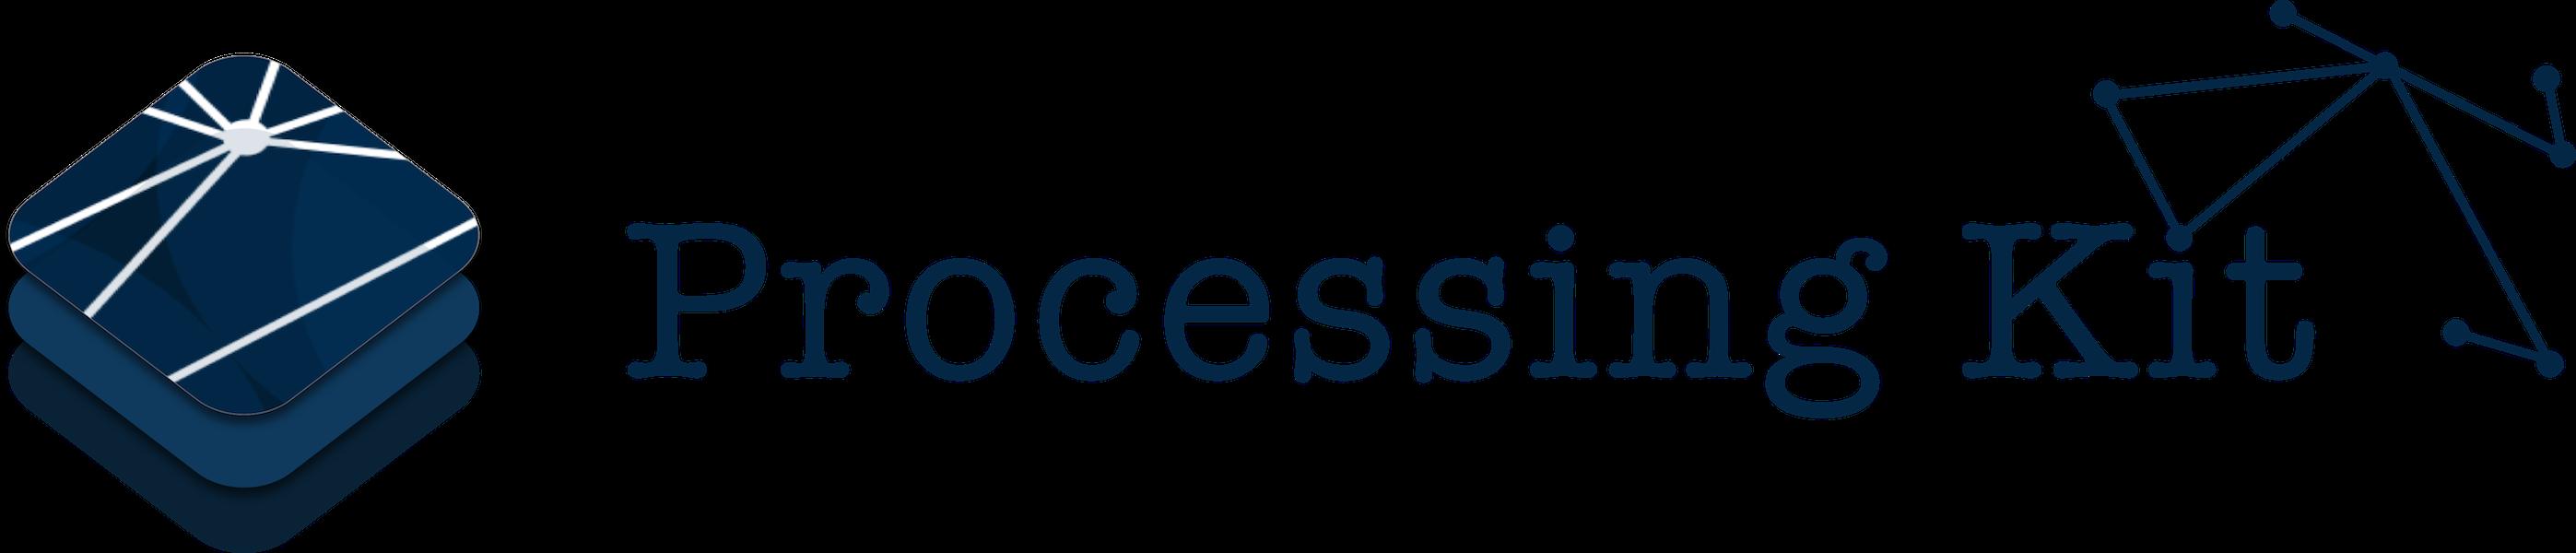 ProcessingKit-Header.png